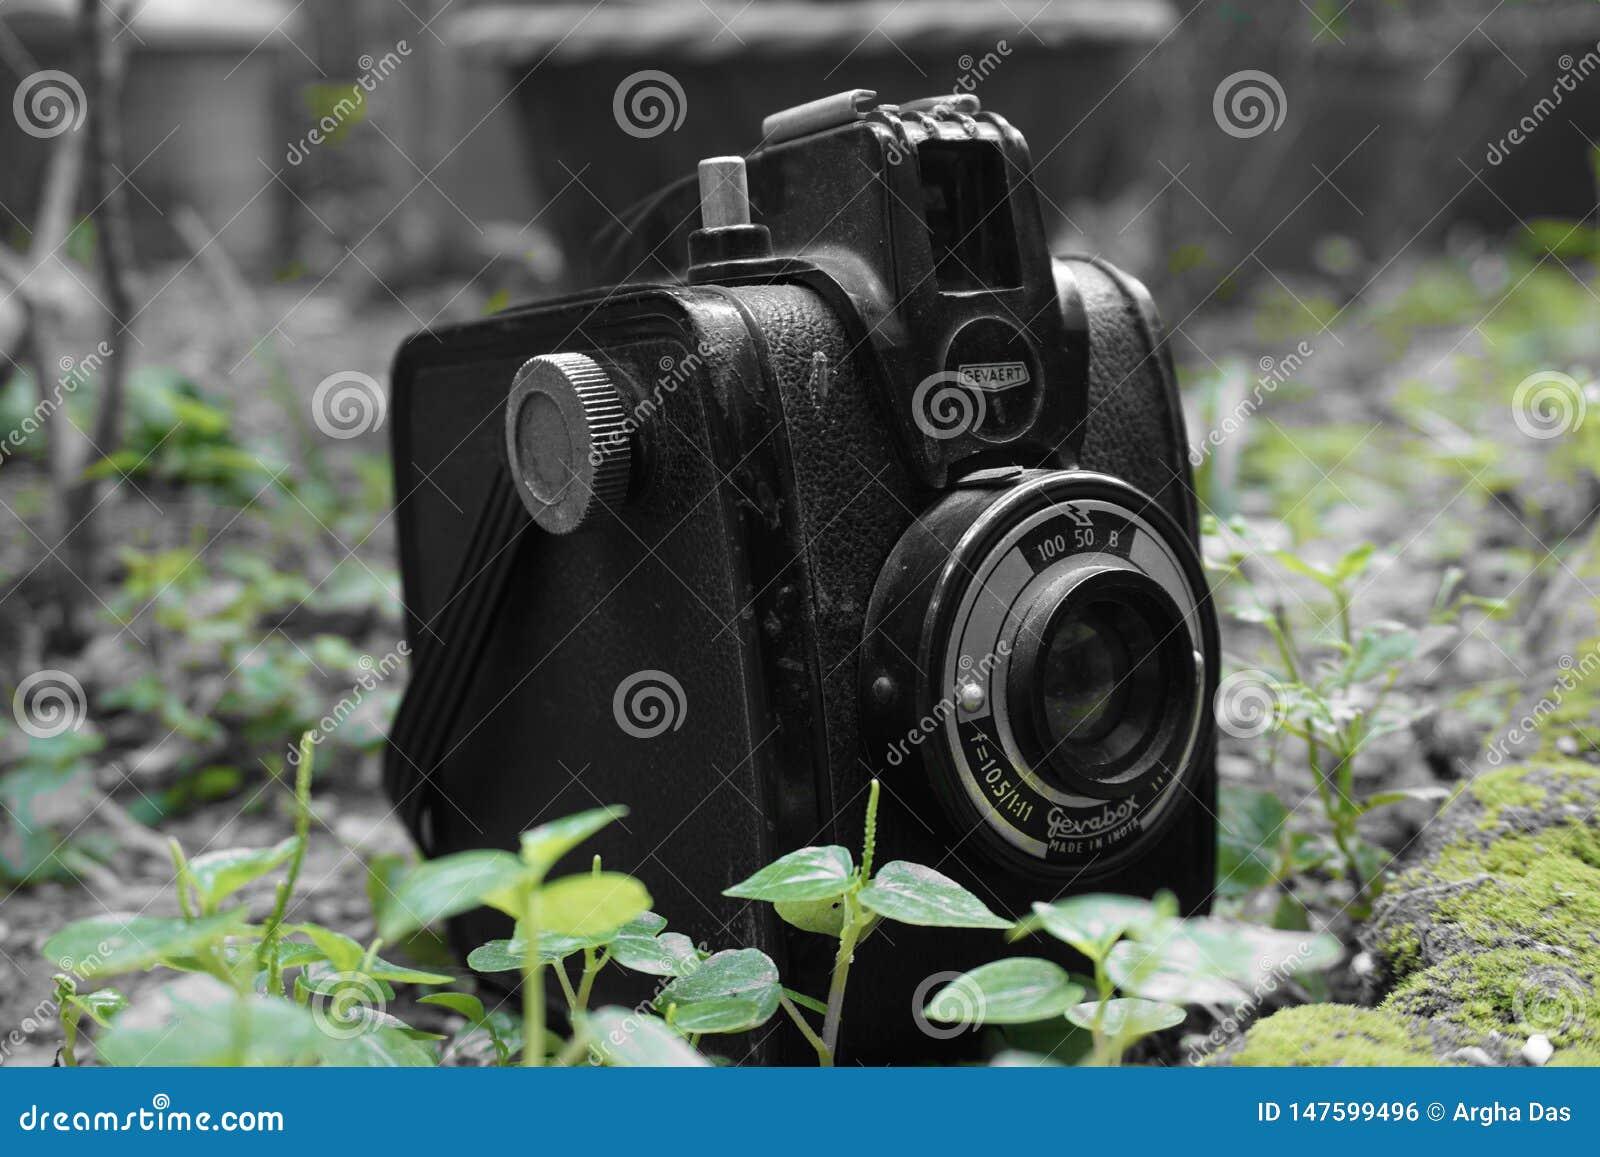 葡萄酒Gevabox赫法尔特照相机